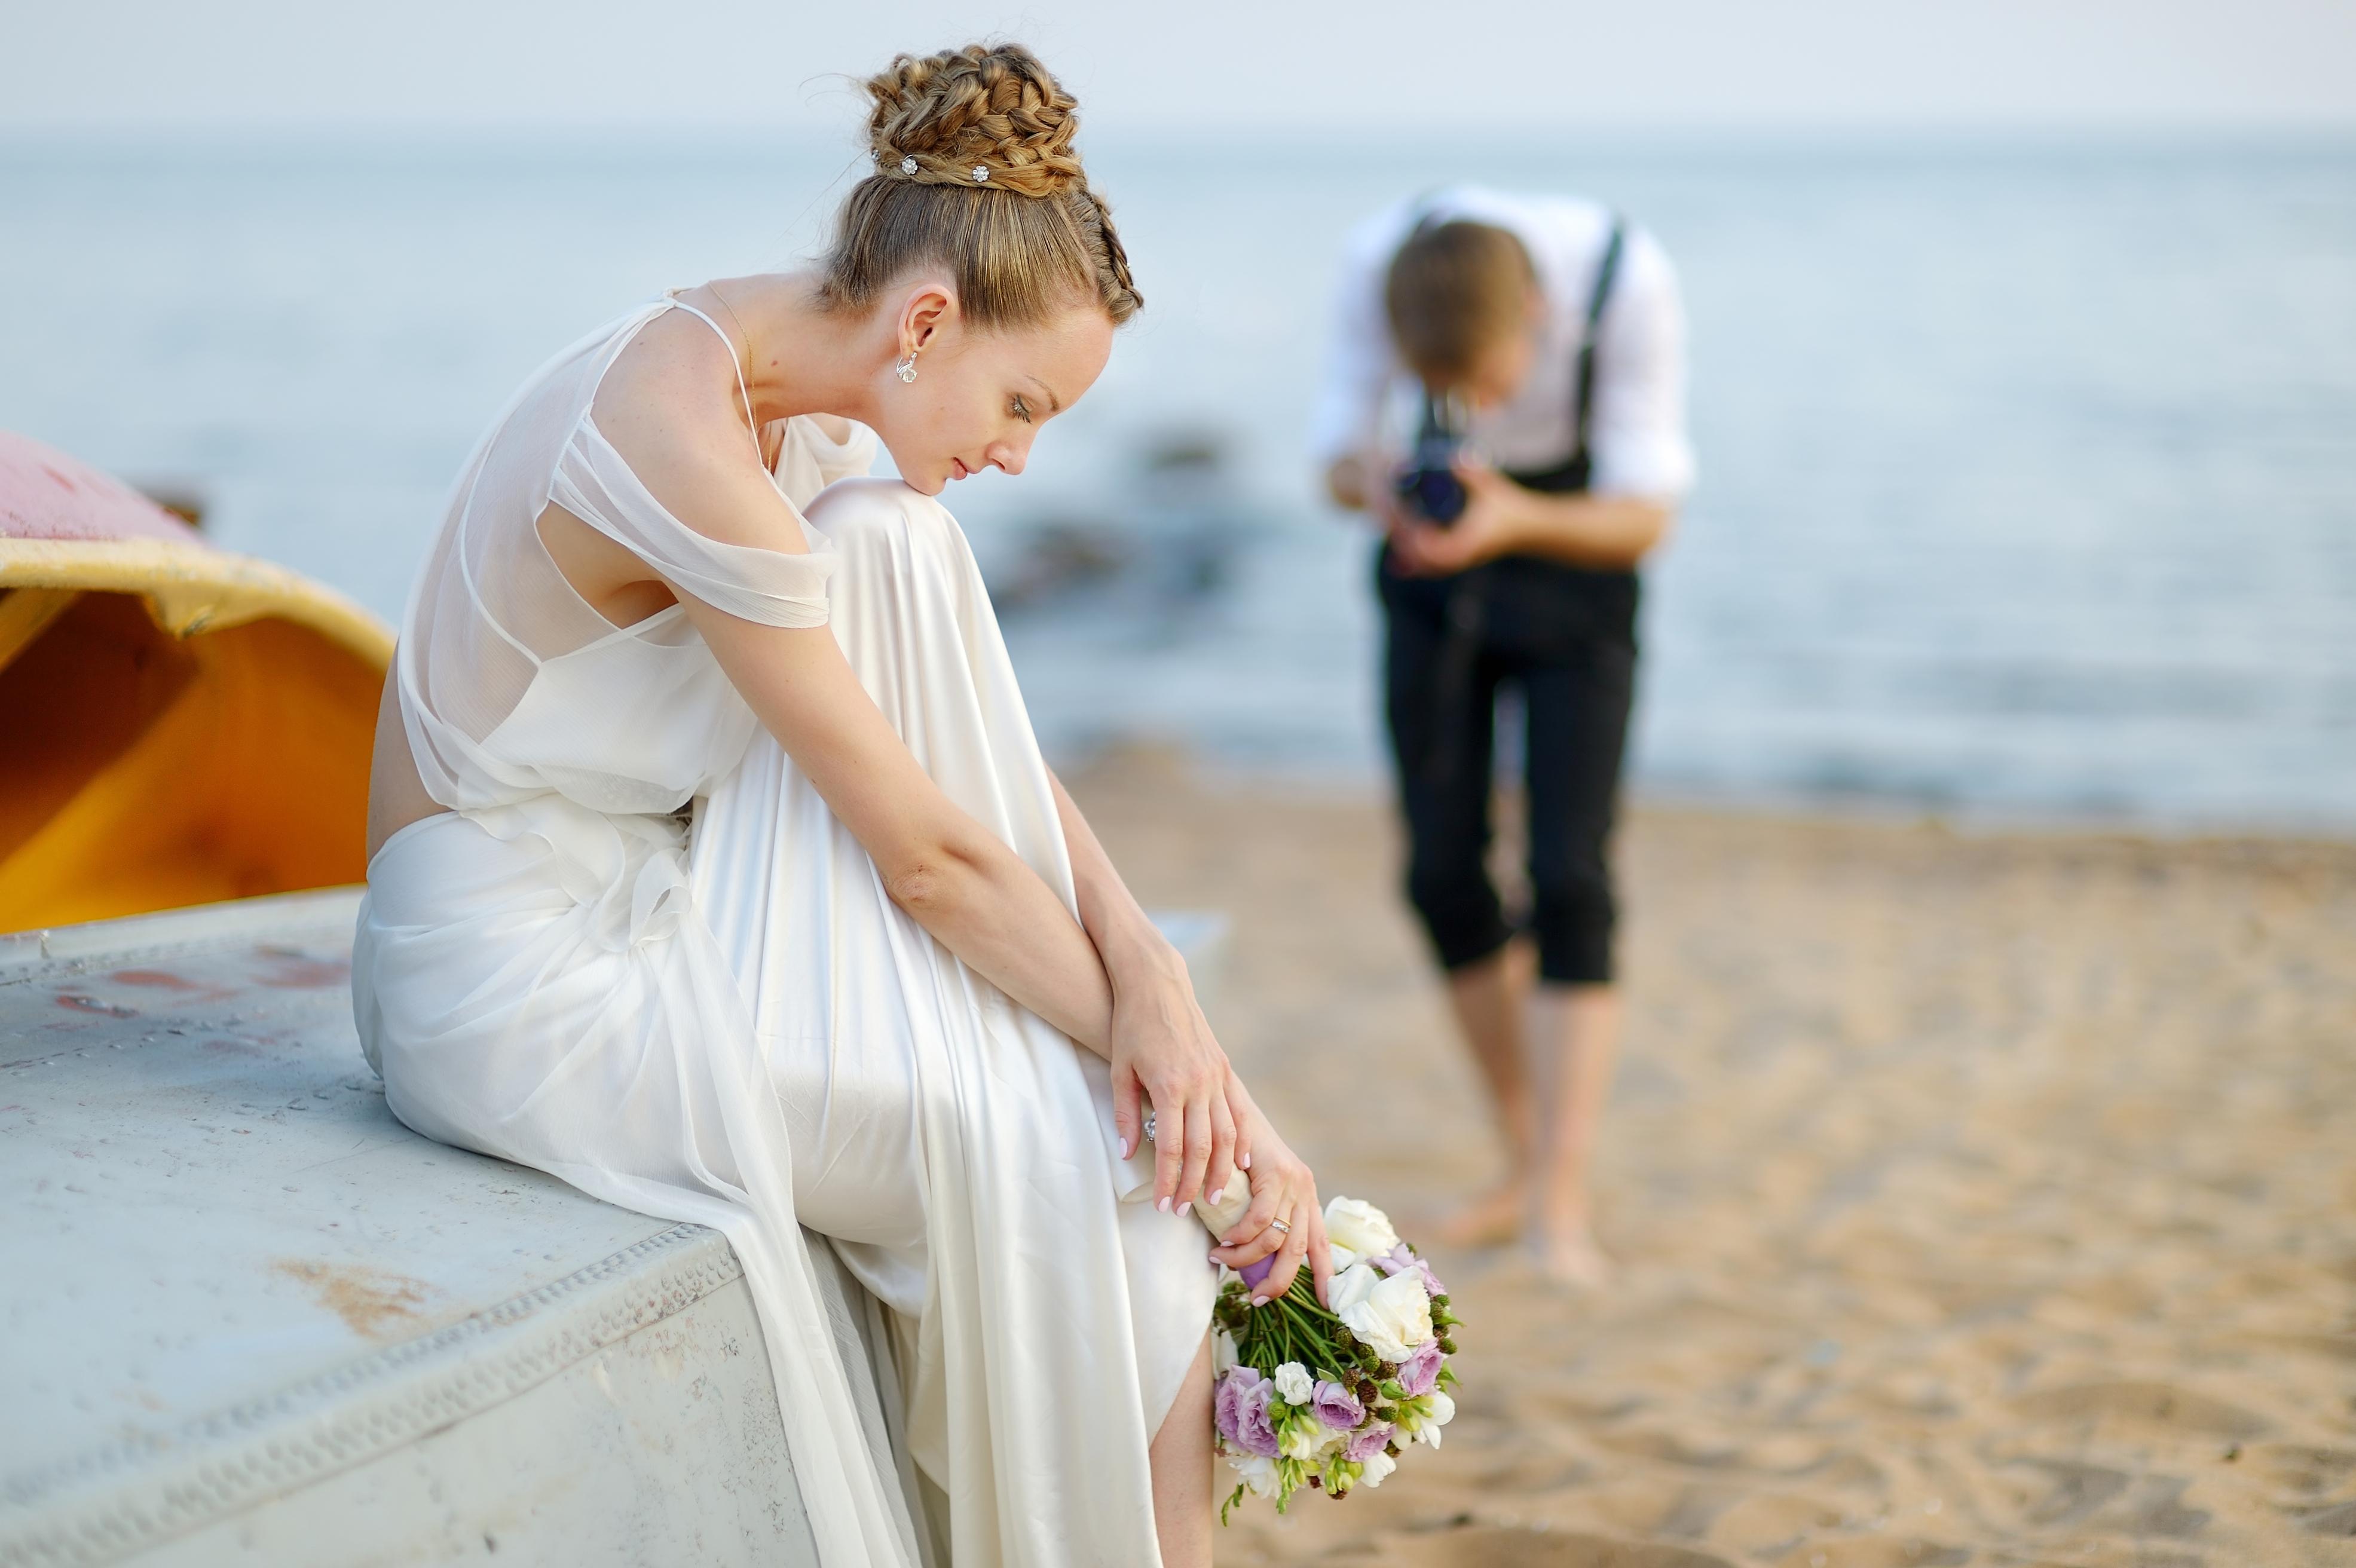 7 bí quyết giúp bạn tiết kiệm chi phí khi chụp ảnh cưới - Ảnh 4.